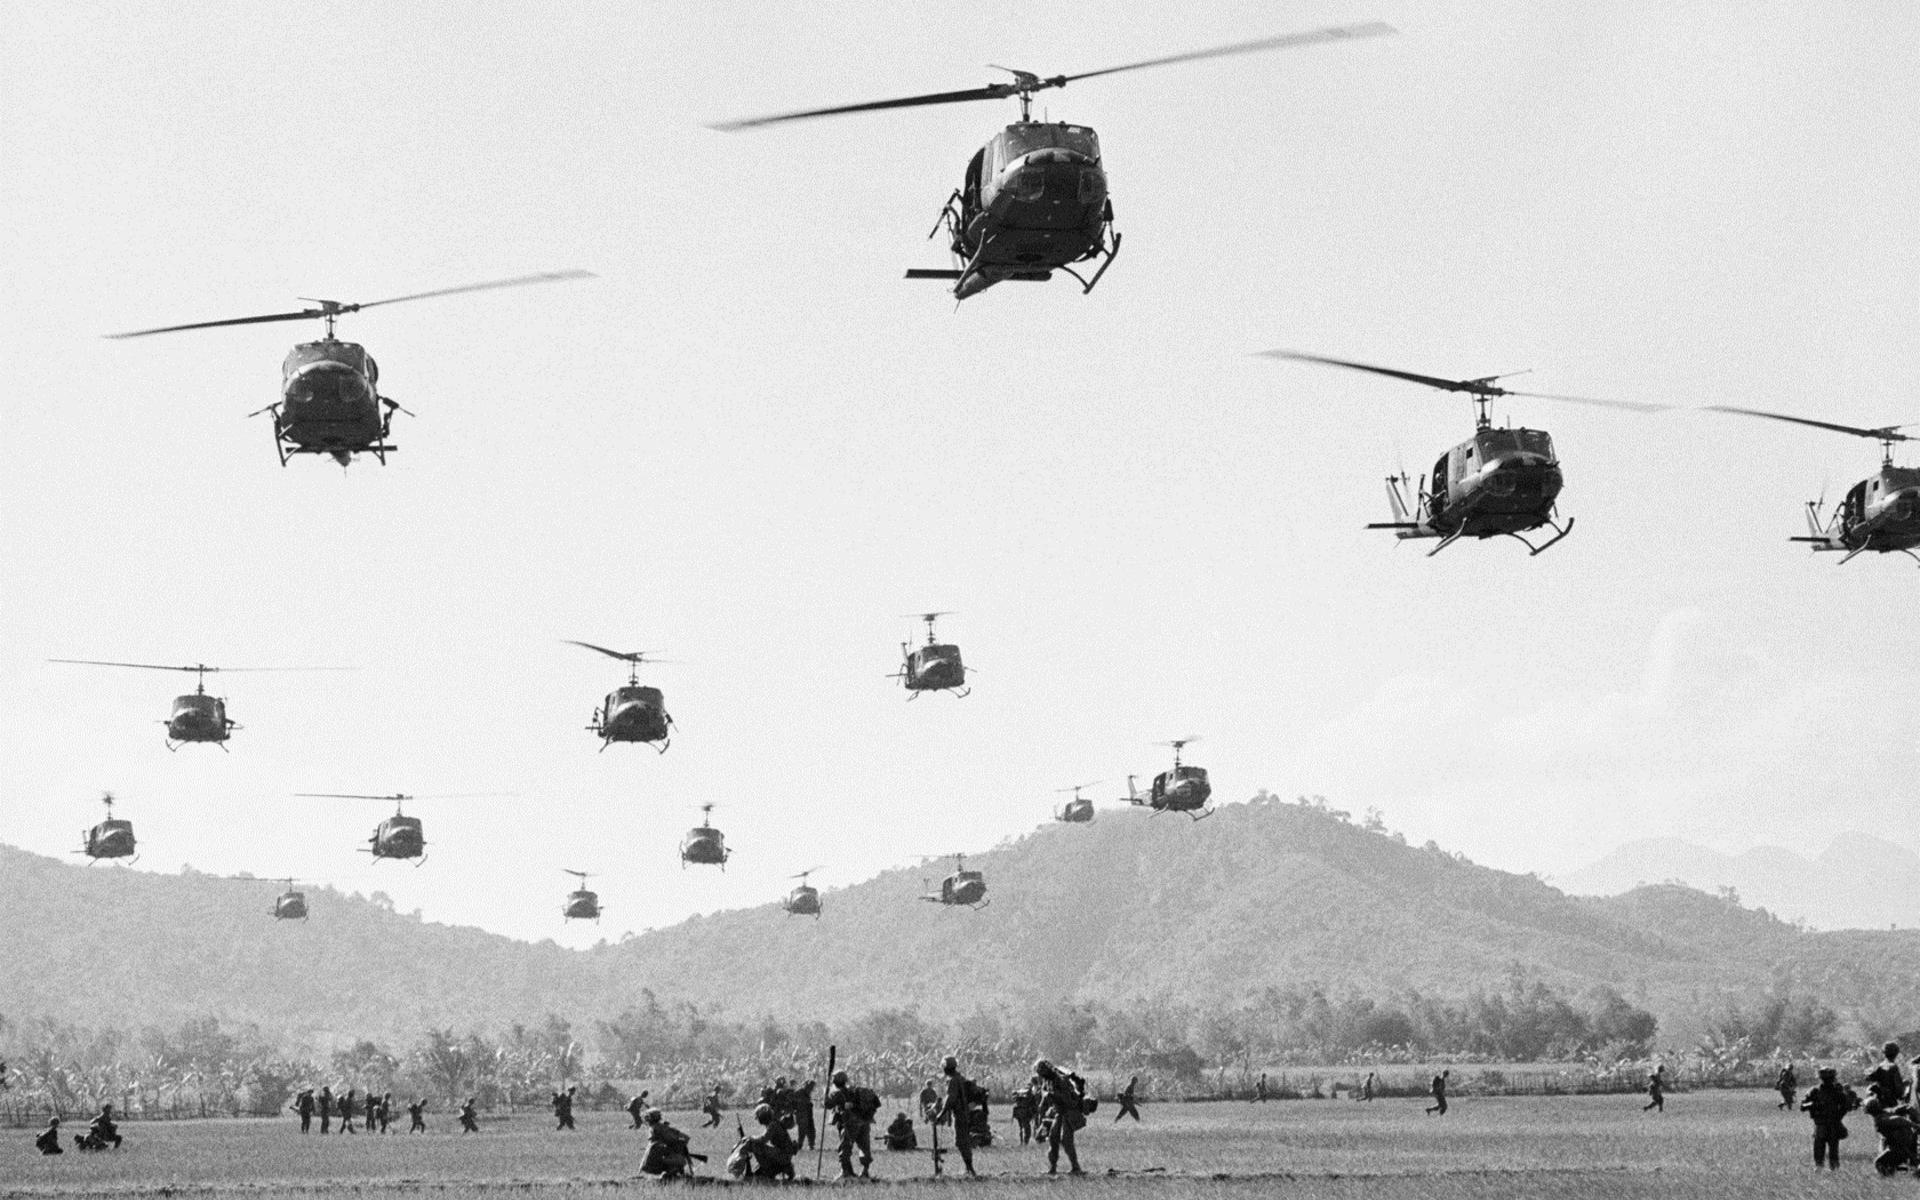 Vietnam War Wallpapers PC GH83S55   4USkY 1920x1200